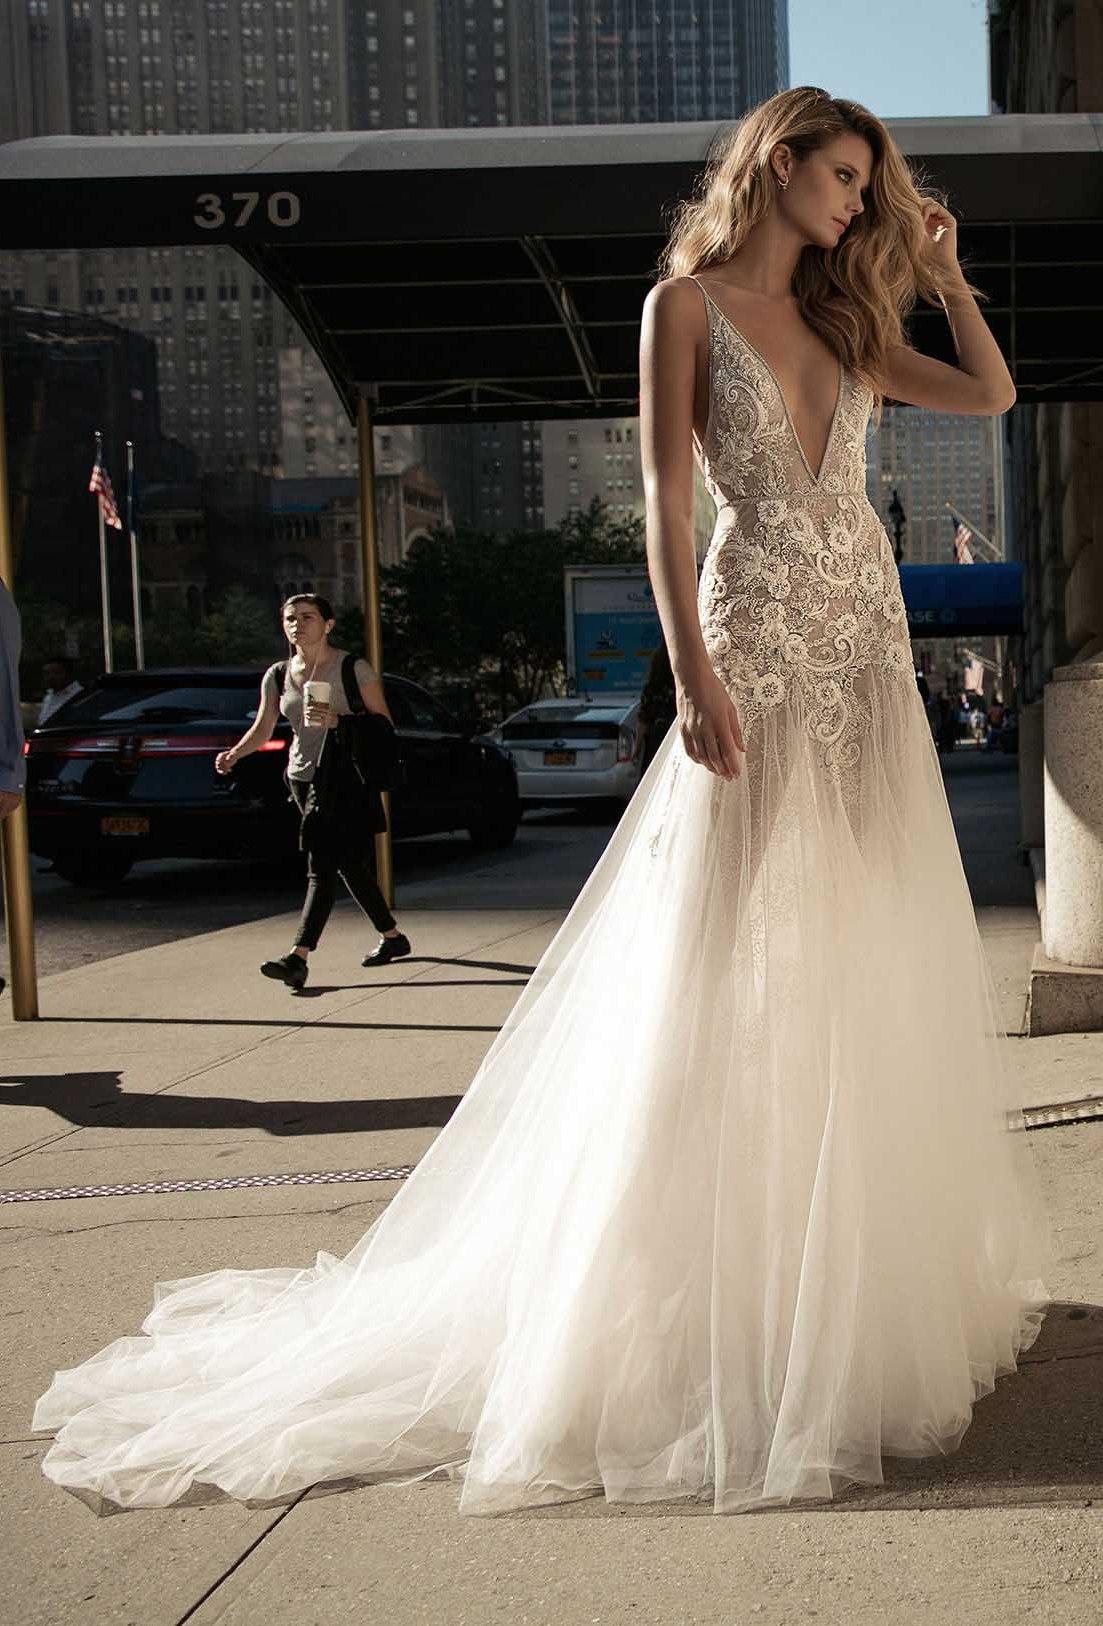 Israels Finest Brautkleider 2017 Whitepick De Der Hochzeitsblog